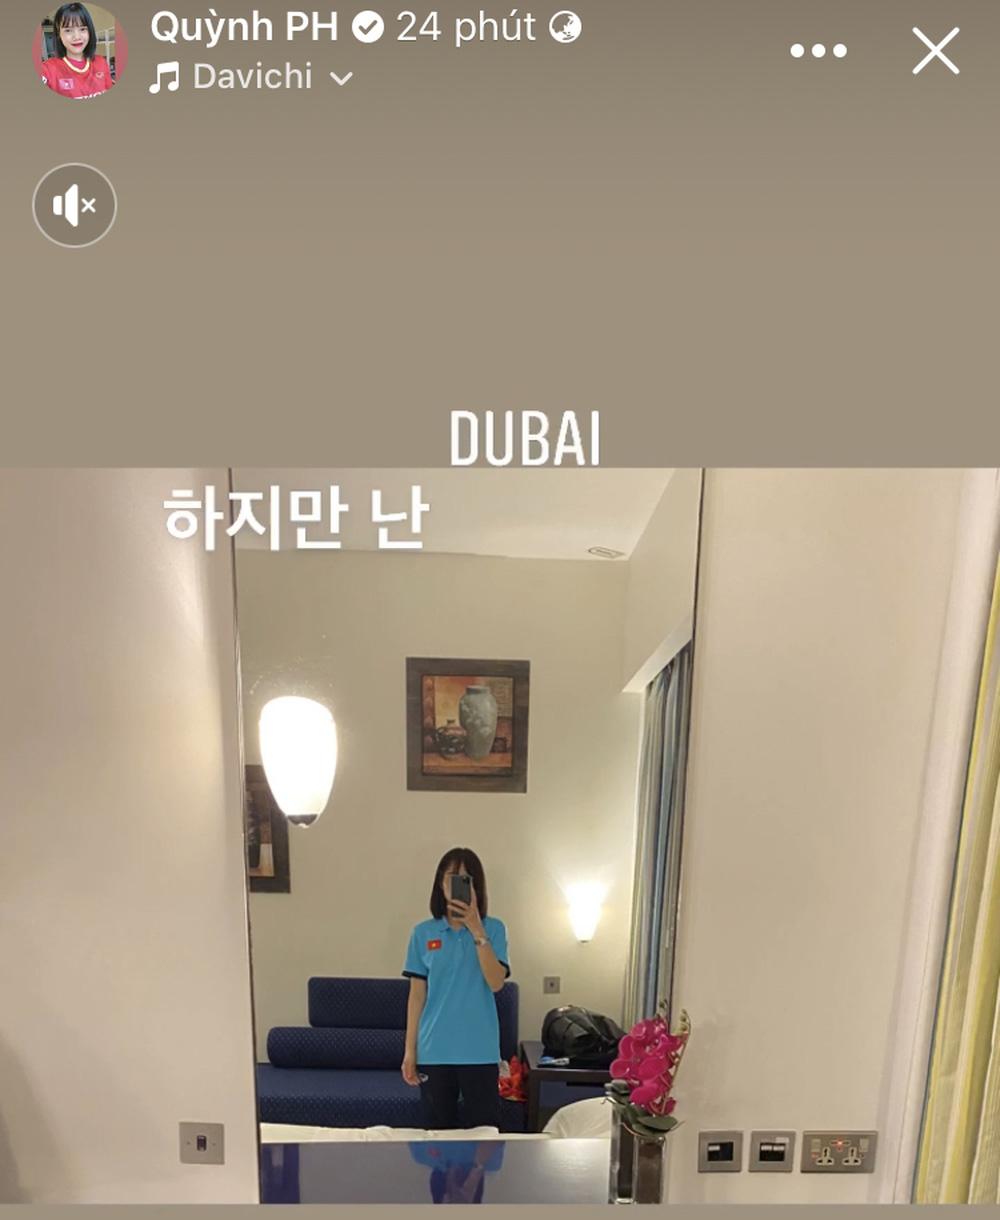 Tuyển nữ Việt Nam hào hứng khi đặt chân đến Dubai - Ảnh 2.